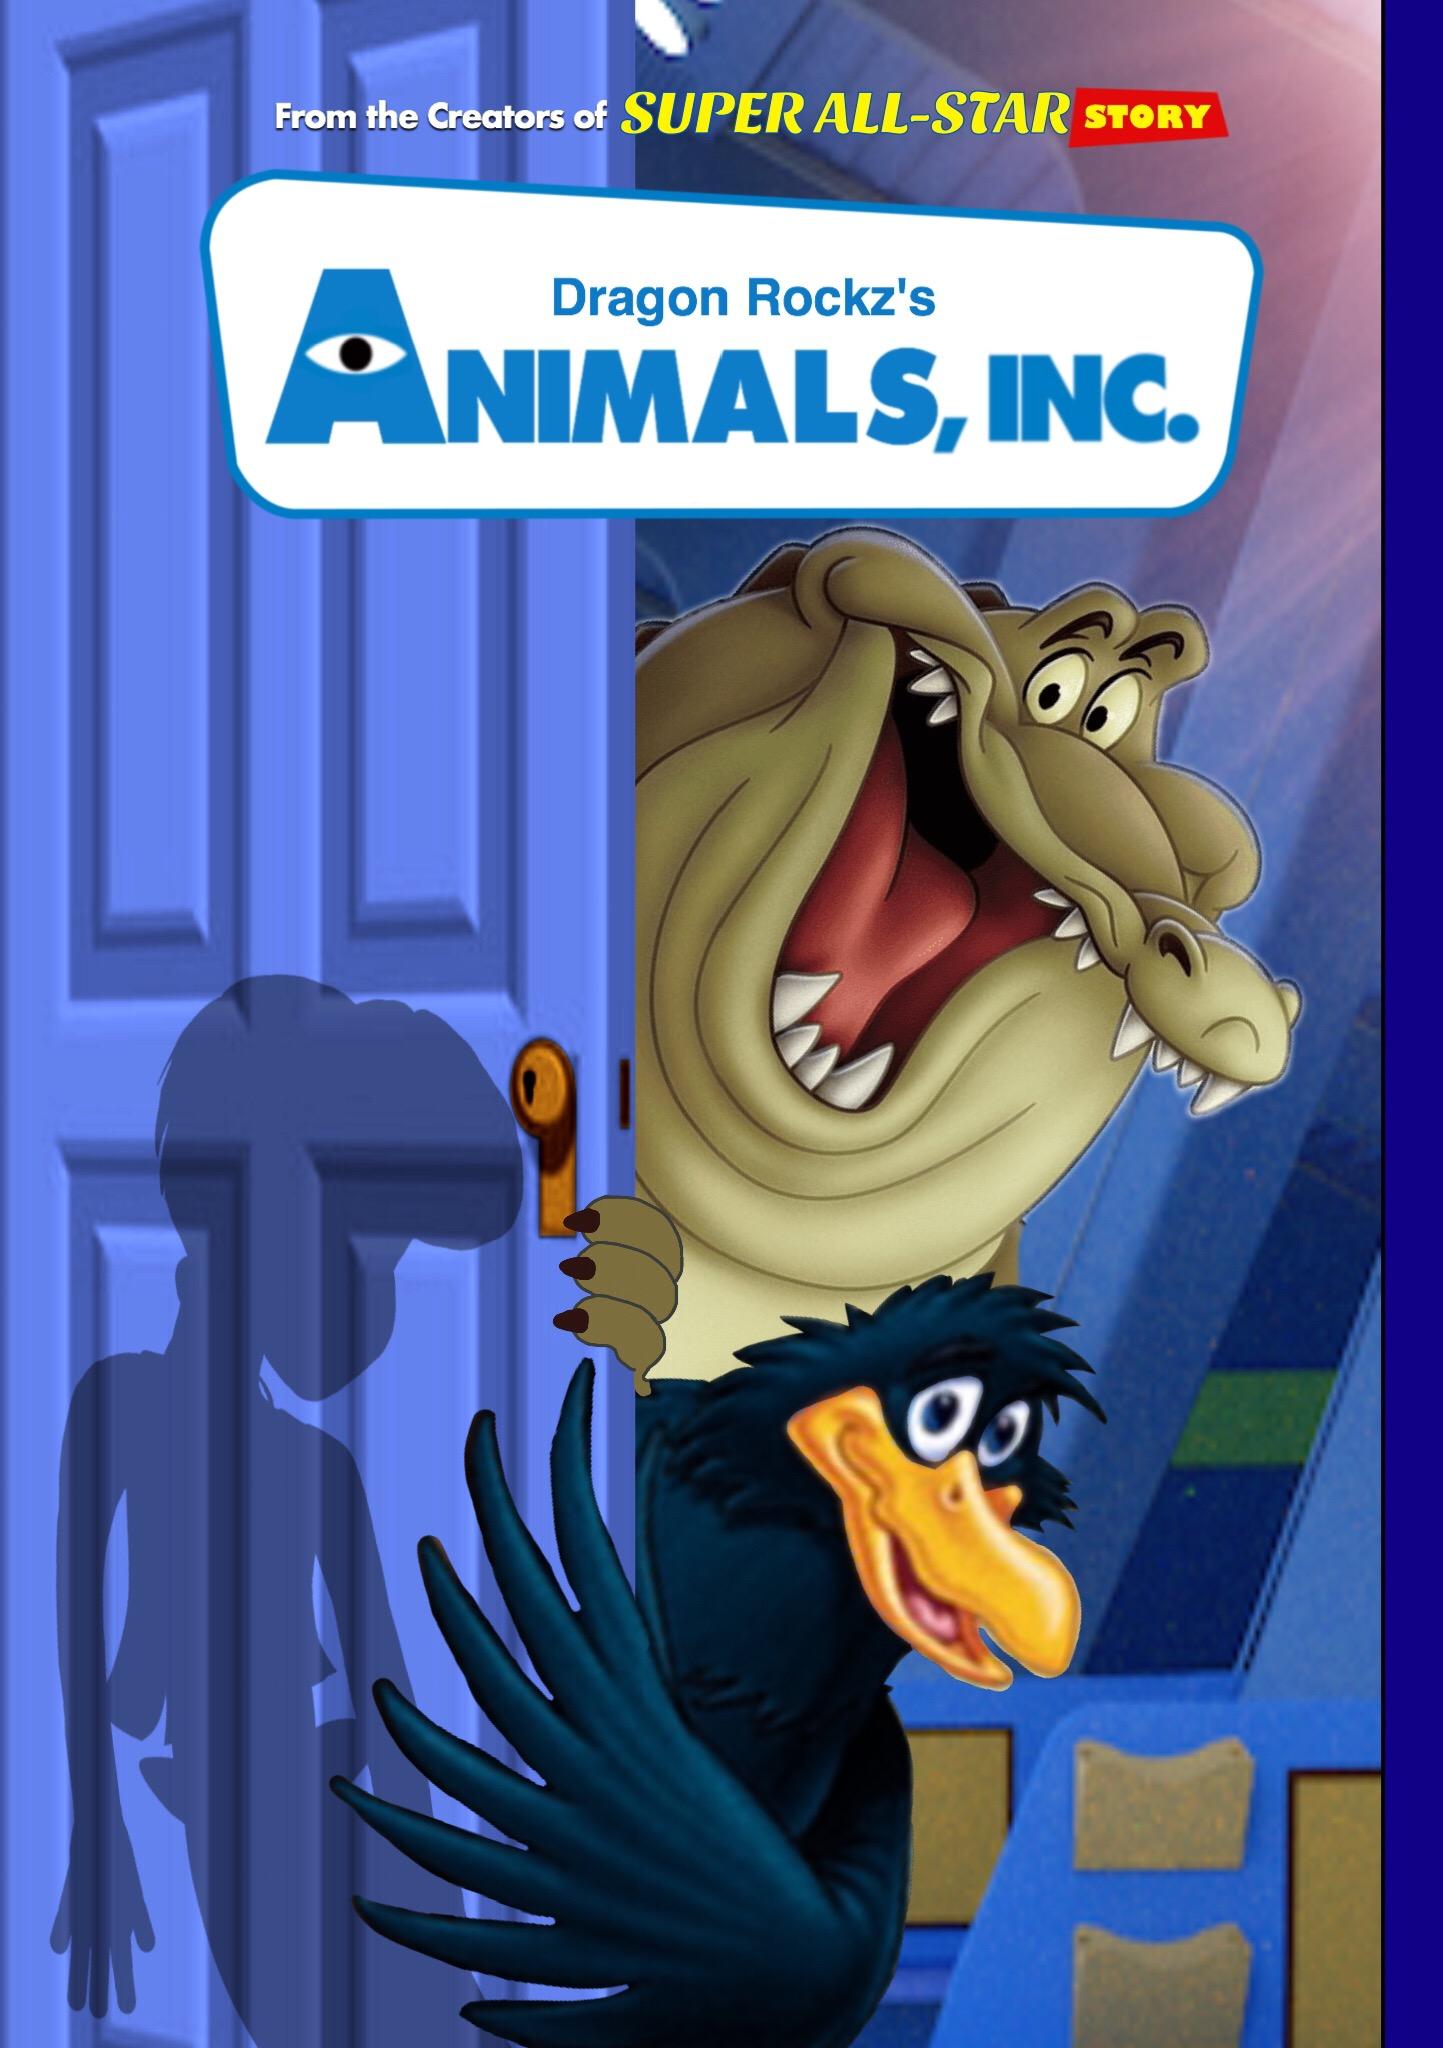 Animals, Inc  (Dragon Rockz Style) | The Parody Wiki